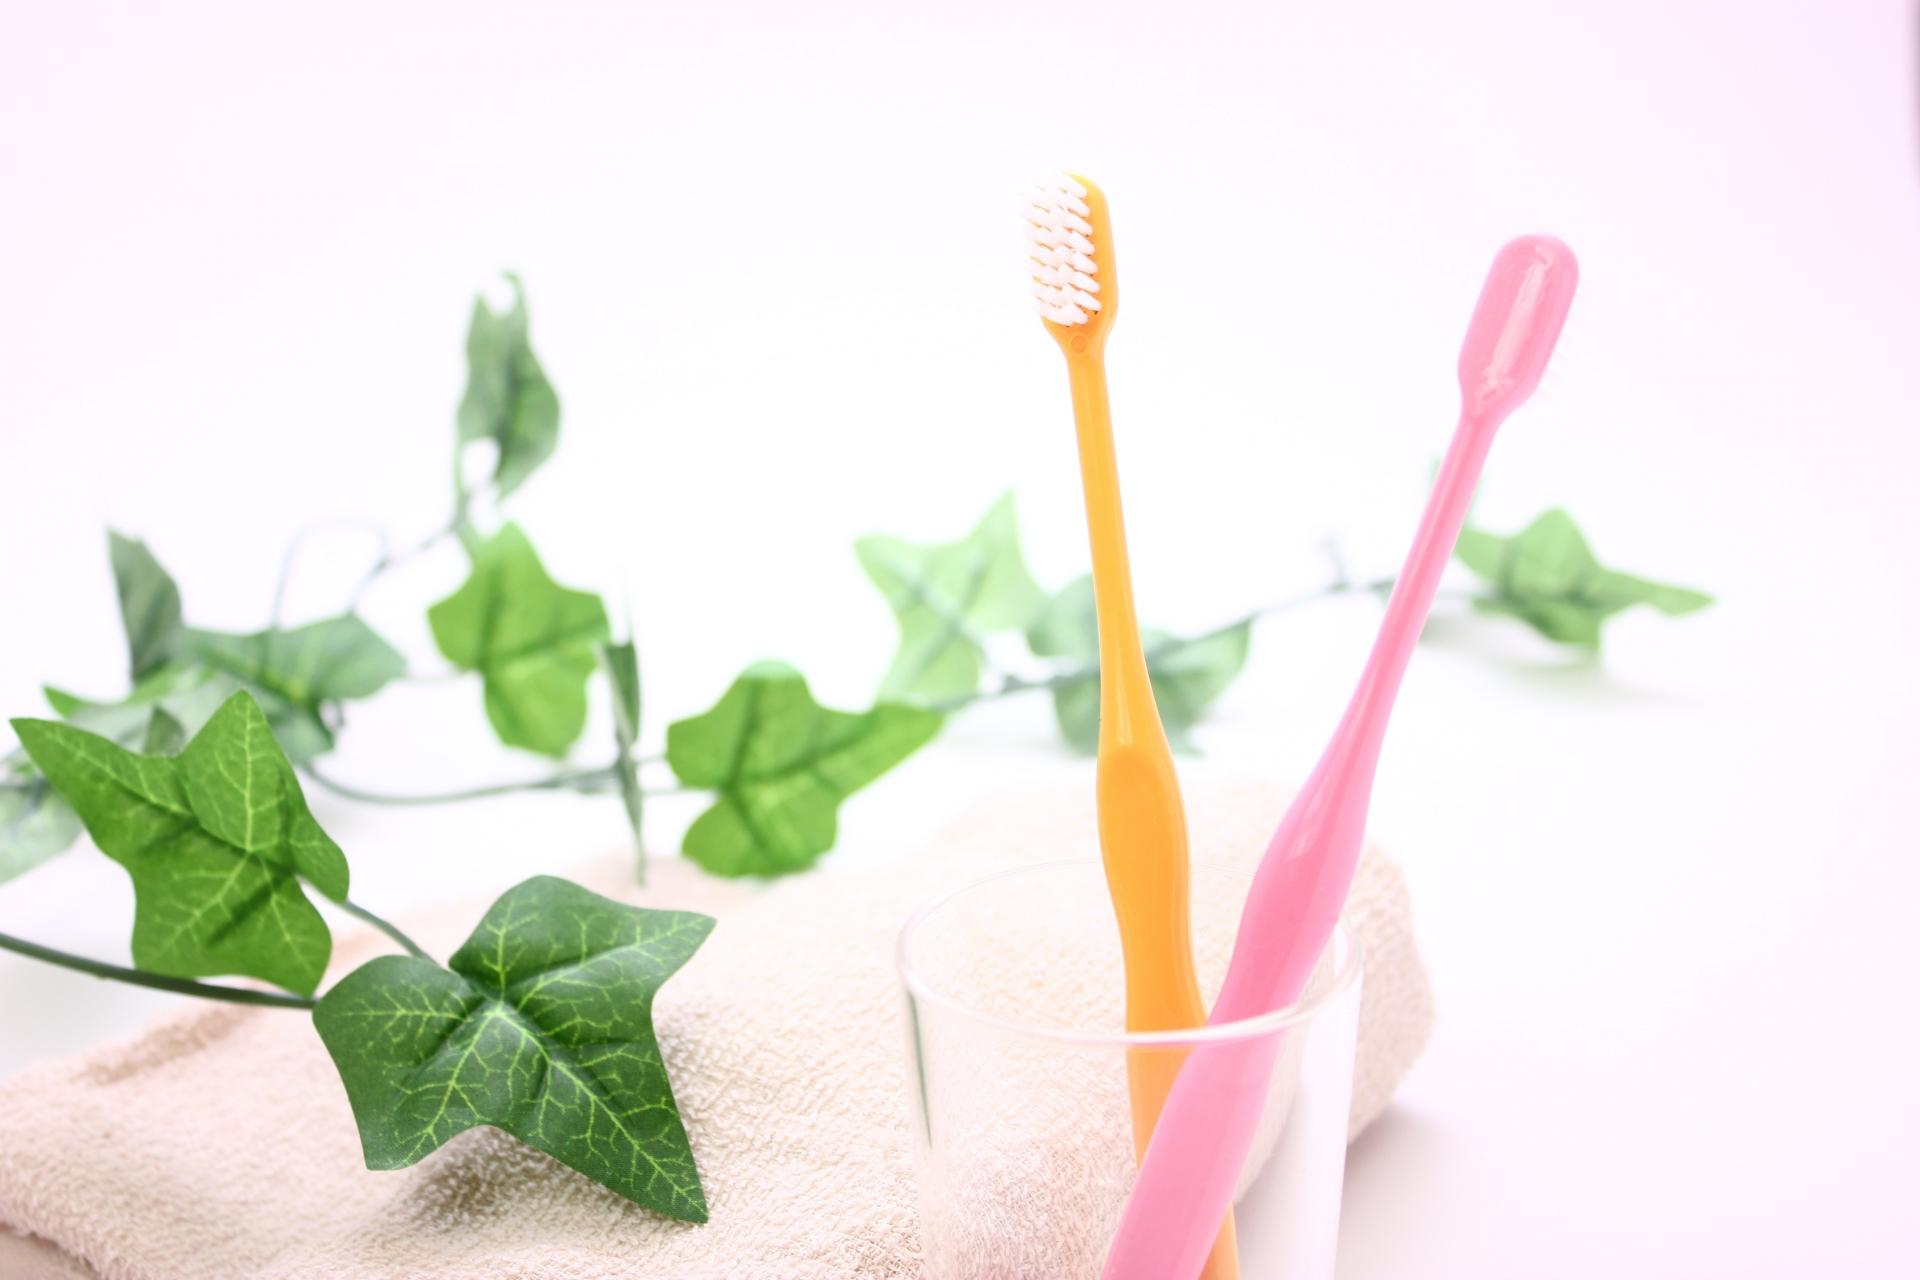 歯科衛生士は求人数も多く、夜勤が無く女性として働き易い職業